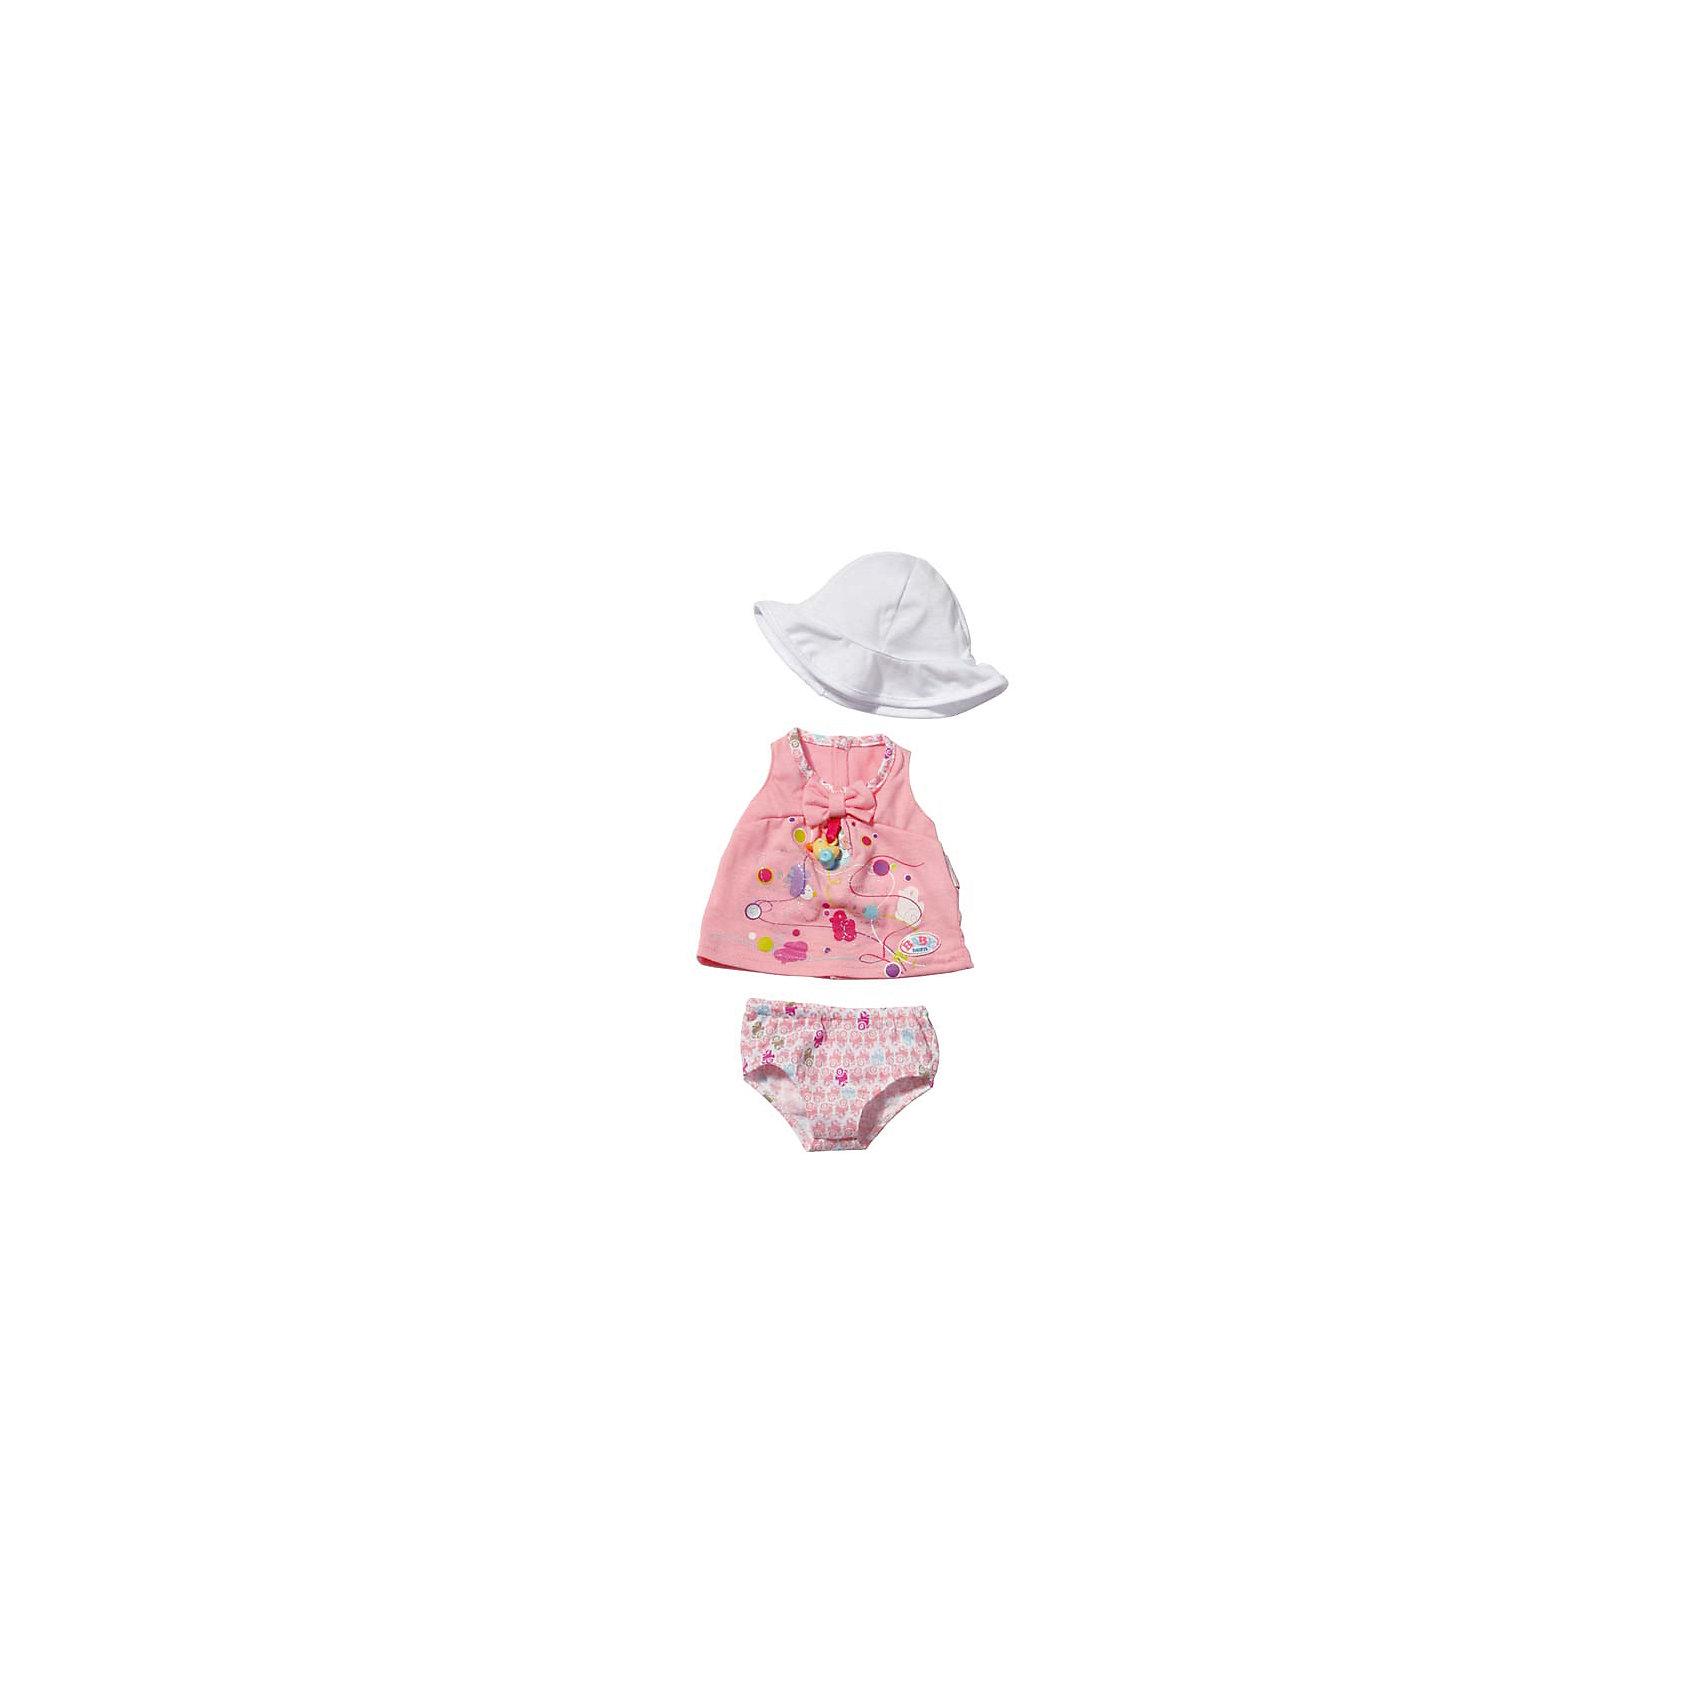 Zapf Creation Летняя одежда для куклы Розовое платье- белая панама, BABY born купить в москве хсн одежда